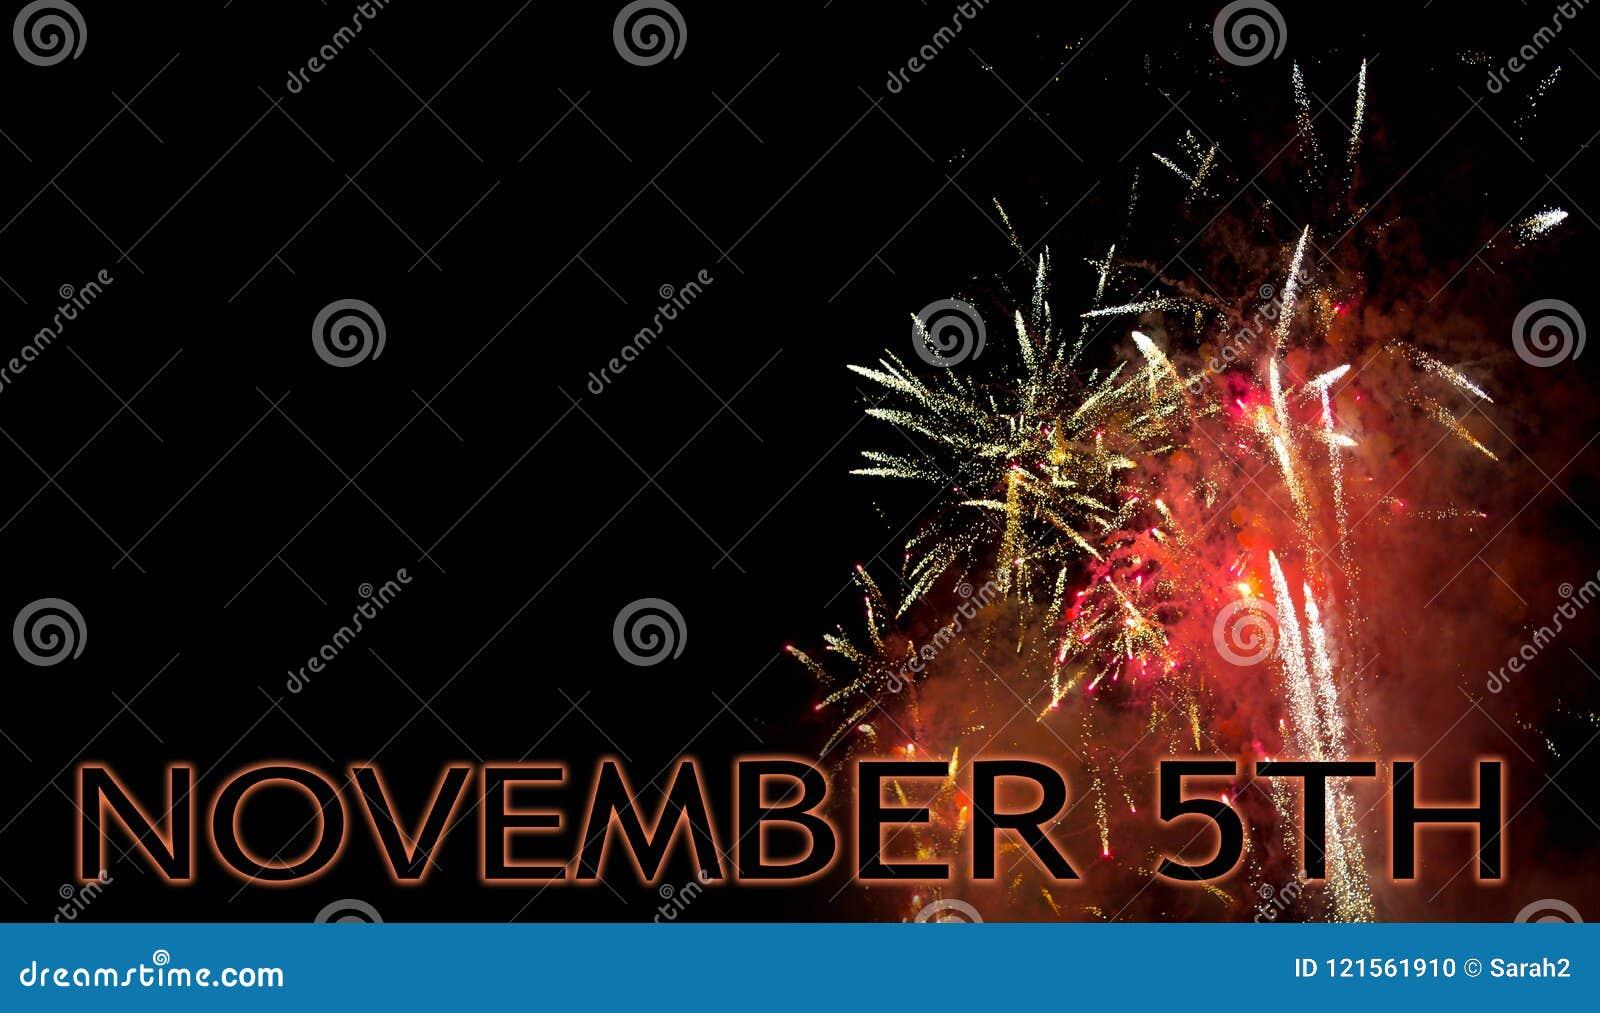 bonfire night november 5th uk celebrates guy fawkes night with